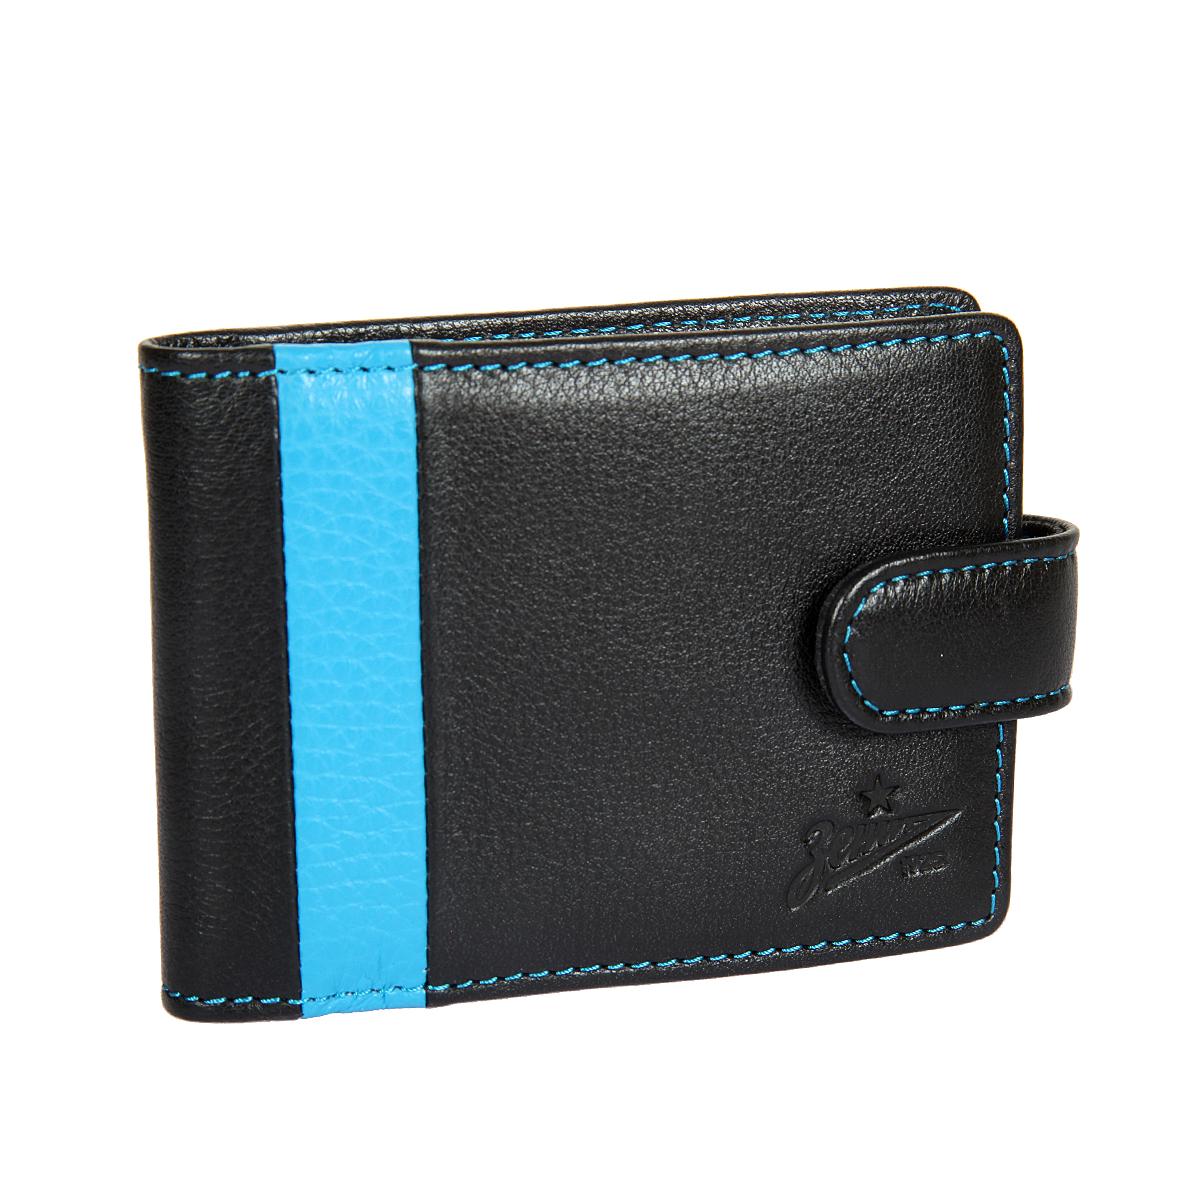 Визитница мужская Gianni Conti, цвет: черный. Z587470INT-06501Закрывается клапаном на кнопке, внутри блок прозрачных файлов для визиток 18 шт, два сетчатых кармашка.